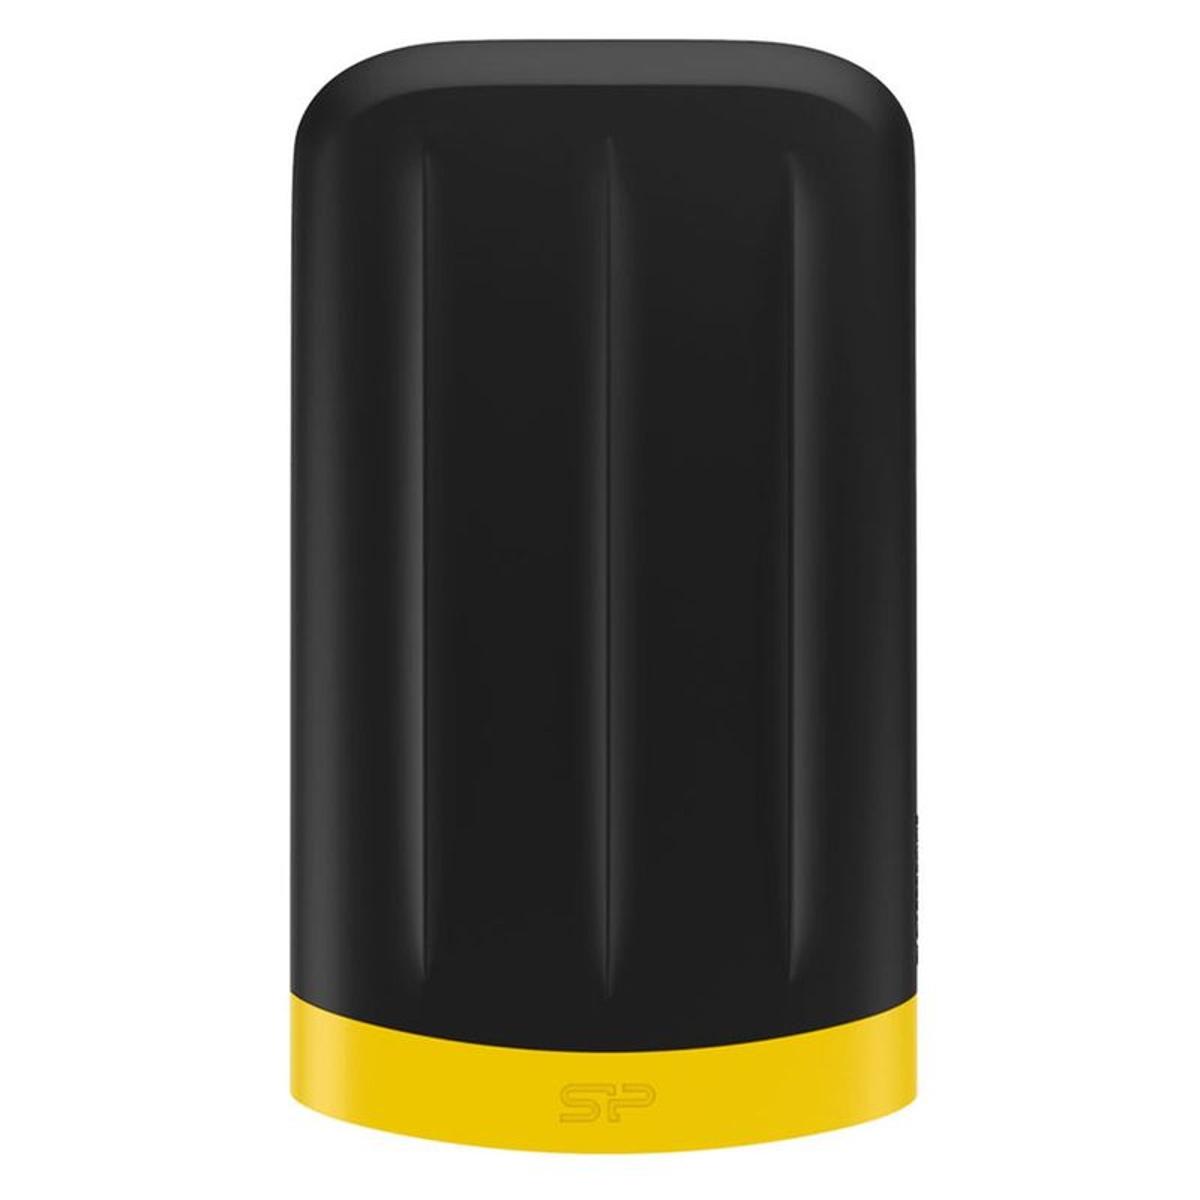 Disque dur externe 2.5 Silicon Power Armor A65 1 To Noir (USB 3.0)